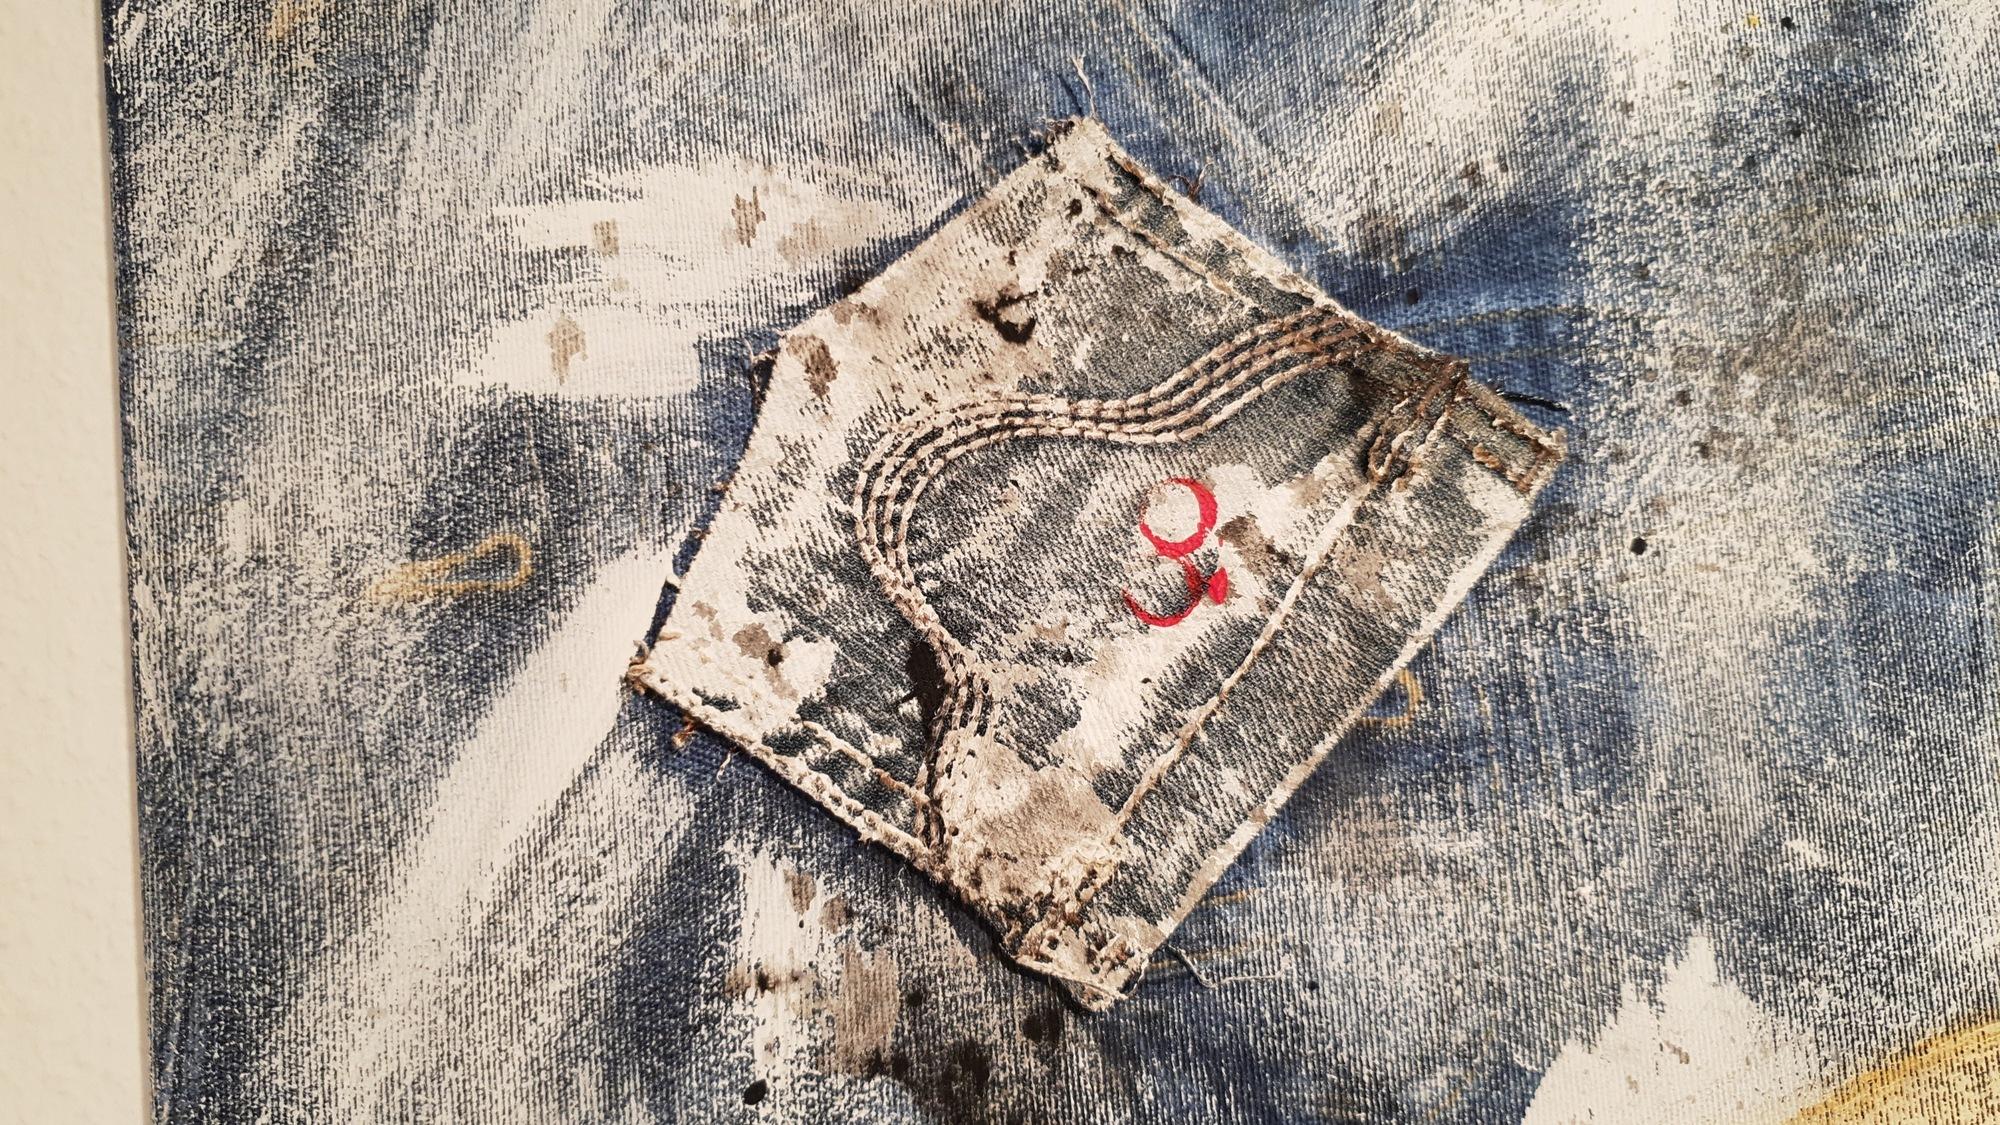 1542637466-wohnzimmer-jeans-1_3.jpg